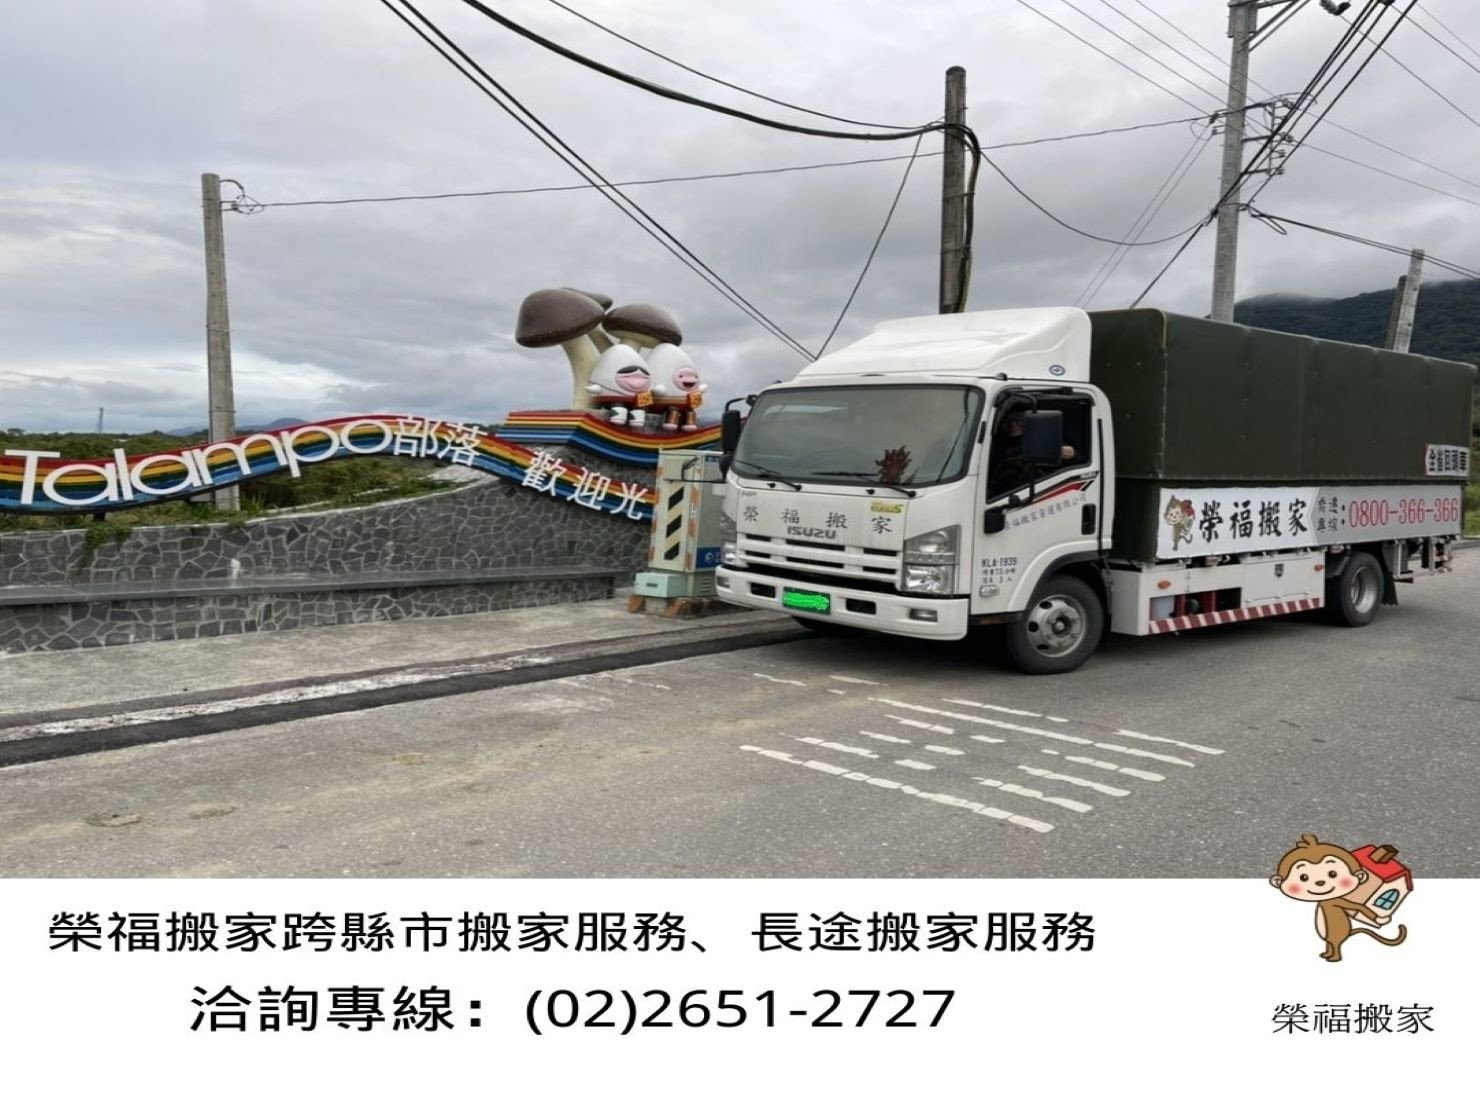 【搬家實錄】家庭搬家搬運到花蓮,榮福搬家大貨車一趟快速完成您的搬家事宜